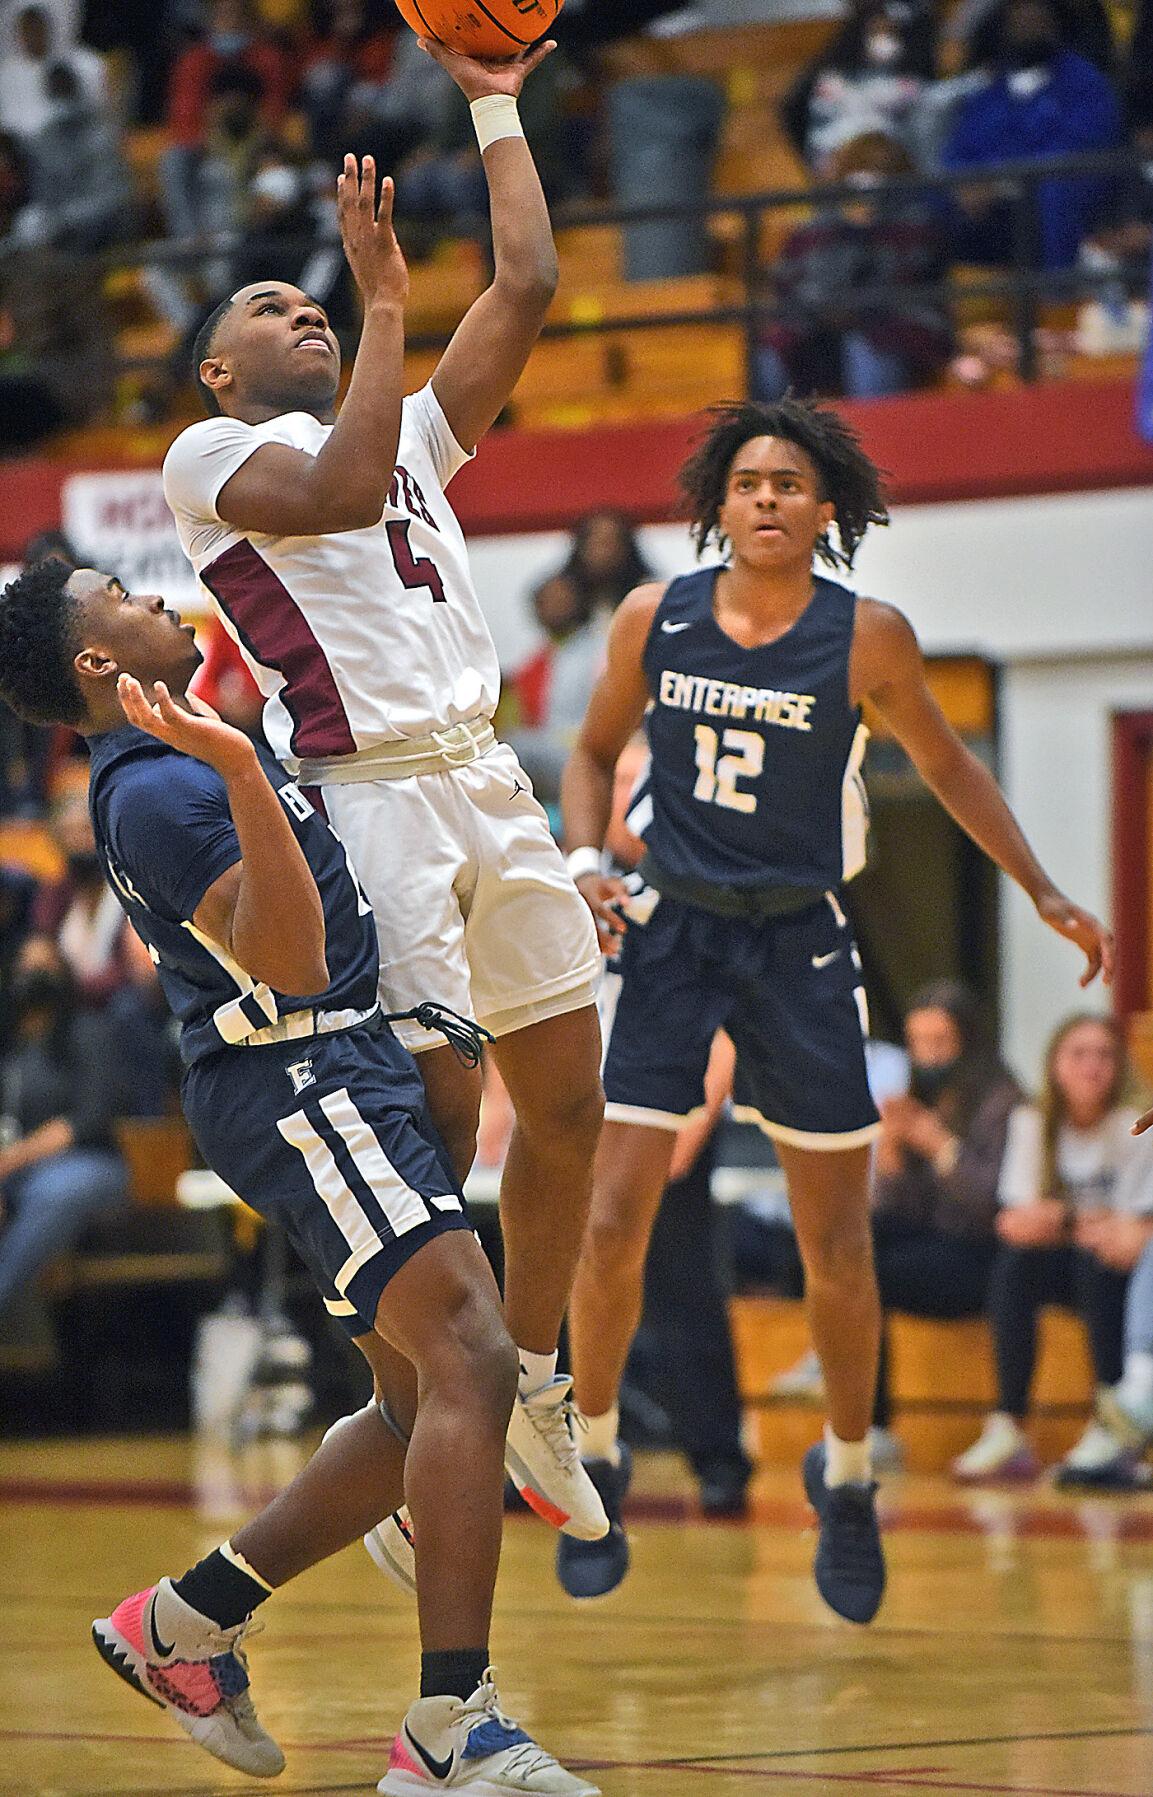 dothanbasketball photo FOR JUMP PAGE